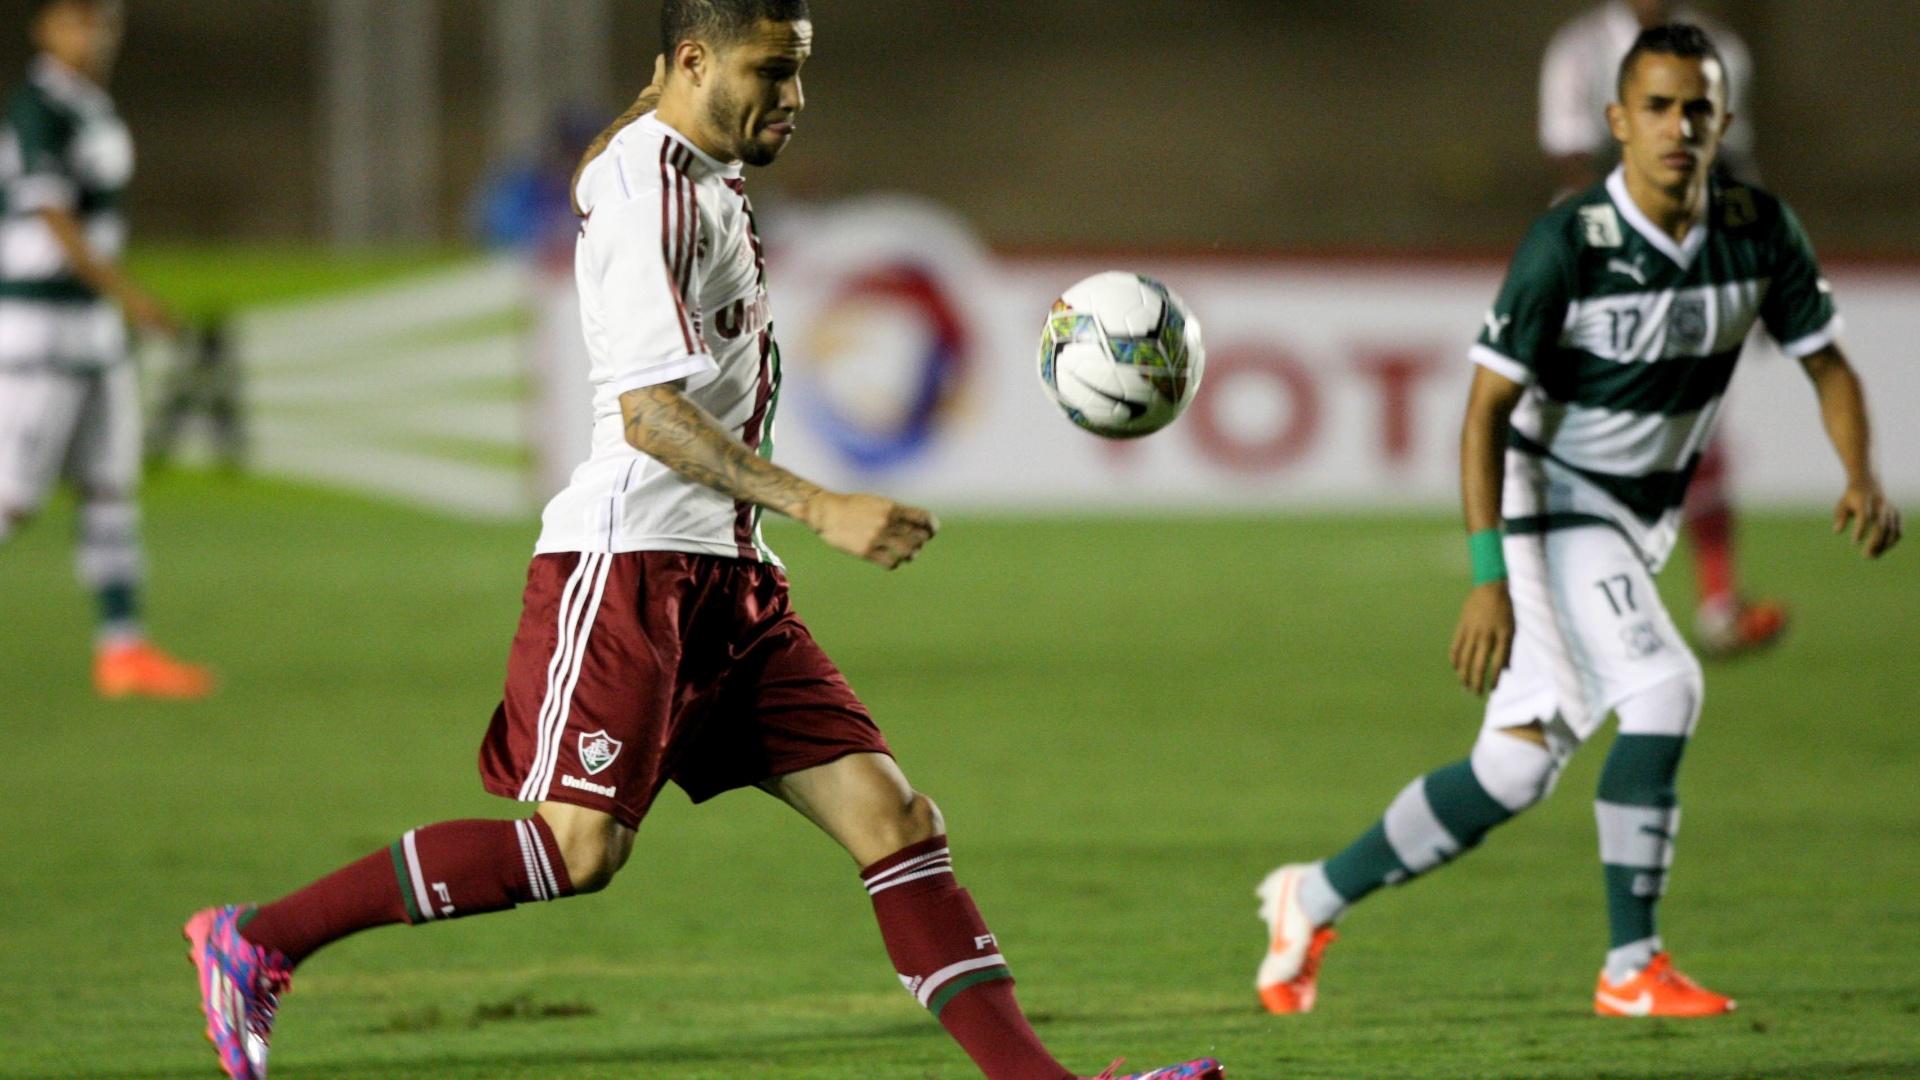 Bruno afasta perigo da defesa do Fluminense em jogo contra o Goiás pela Copa Sul-Americana